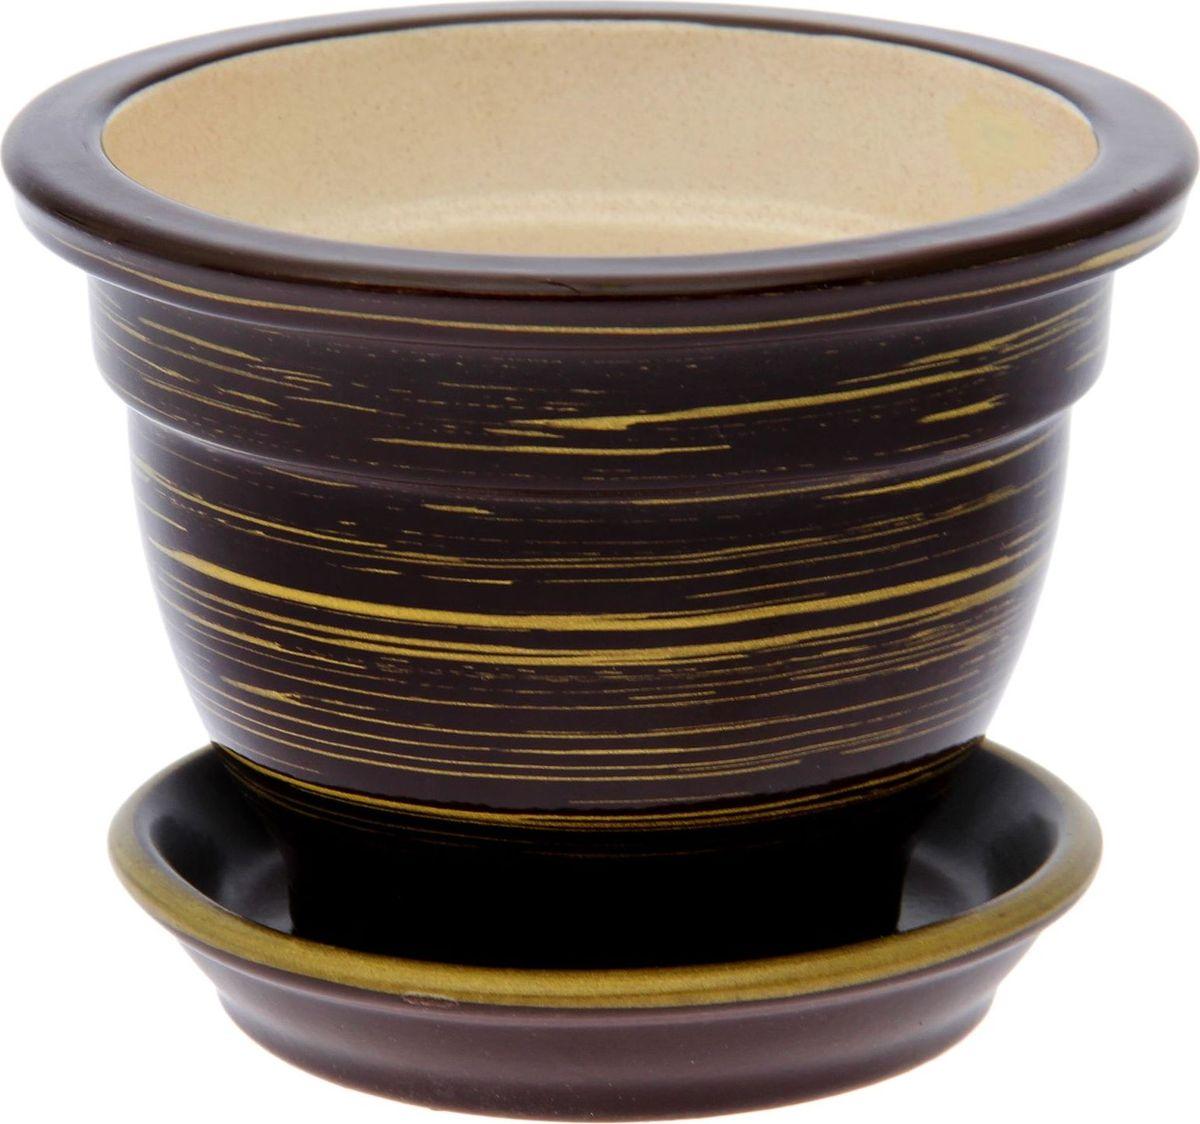 Кашпо Керамика ручной работы Фиалочница, цвет: шоколадный, золотой, 0,5 л1489727Комнатные растения — всеобщие любимцы. Они радуют глаз, насыщают помещение кислородом и украшают пространство. Каждому из них необходим свой удобный и красивый дом. Кашпо из керамики прекрасно подходят для высадки растений: за счёт пластичности глины и разных способов обработки существует великое множество форм и дизайновпористый материал позволяет испаряться лишней влагевоздух, необходимый для дыхания корней, проникает сквозь керамические стенки! #name# позаботится о зелёном питомце, освежит интерьер и подчеркнёт его стиль.